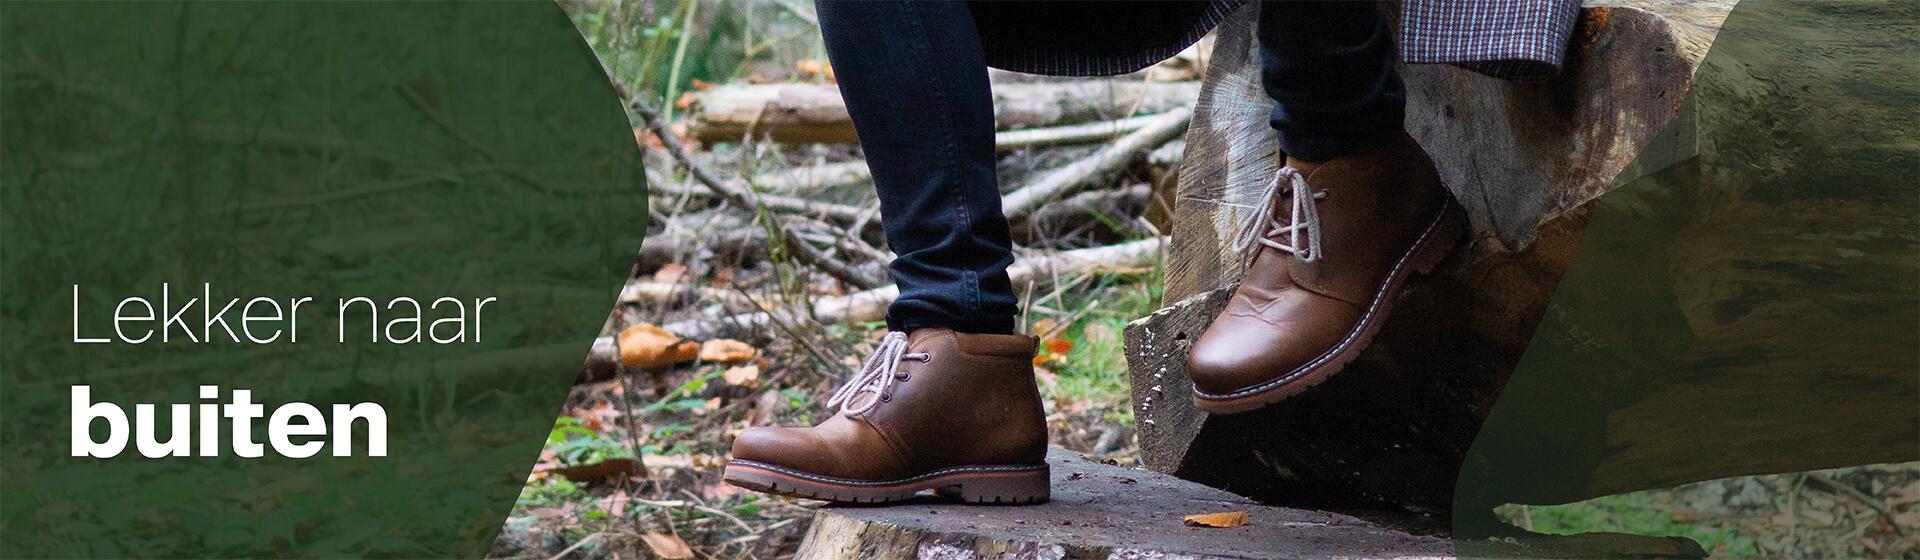 lekker naar buiten schoenen